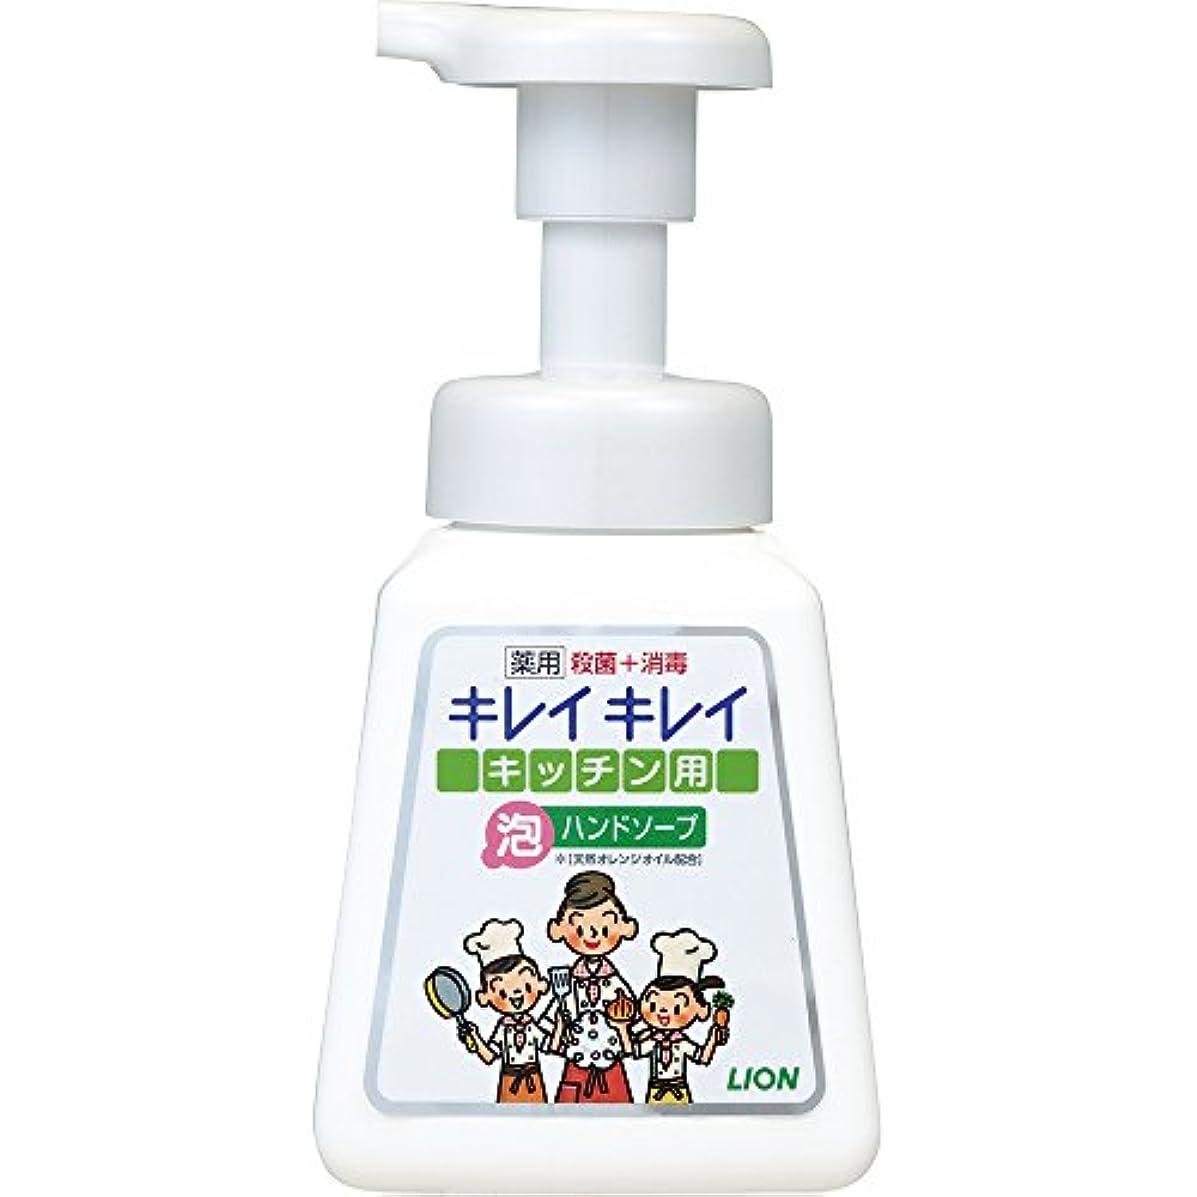 適度な日食雄弁なキレイキレイ 薬用 キッチン泡ハンドソープ 本体ポンプ 230ml(医薬部外品)